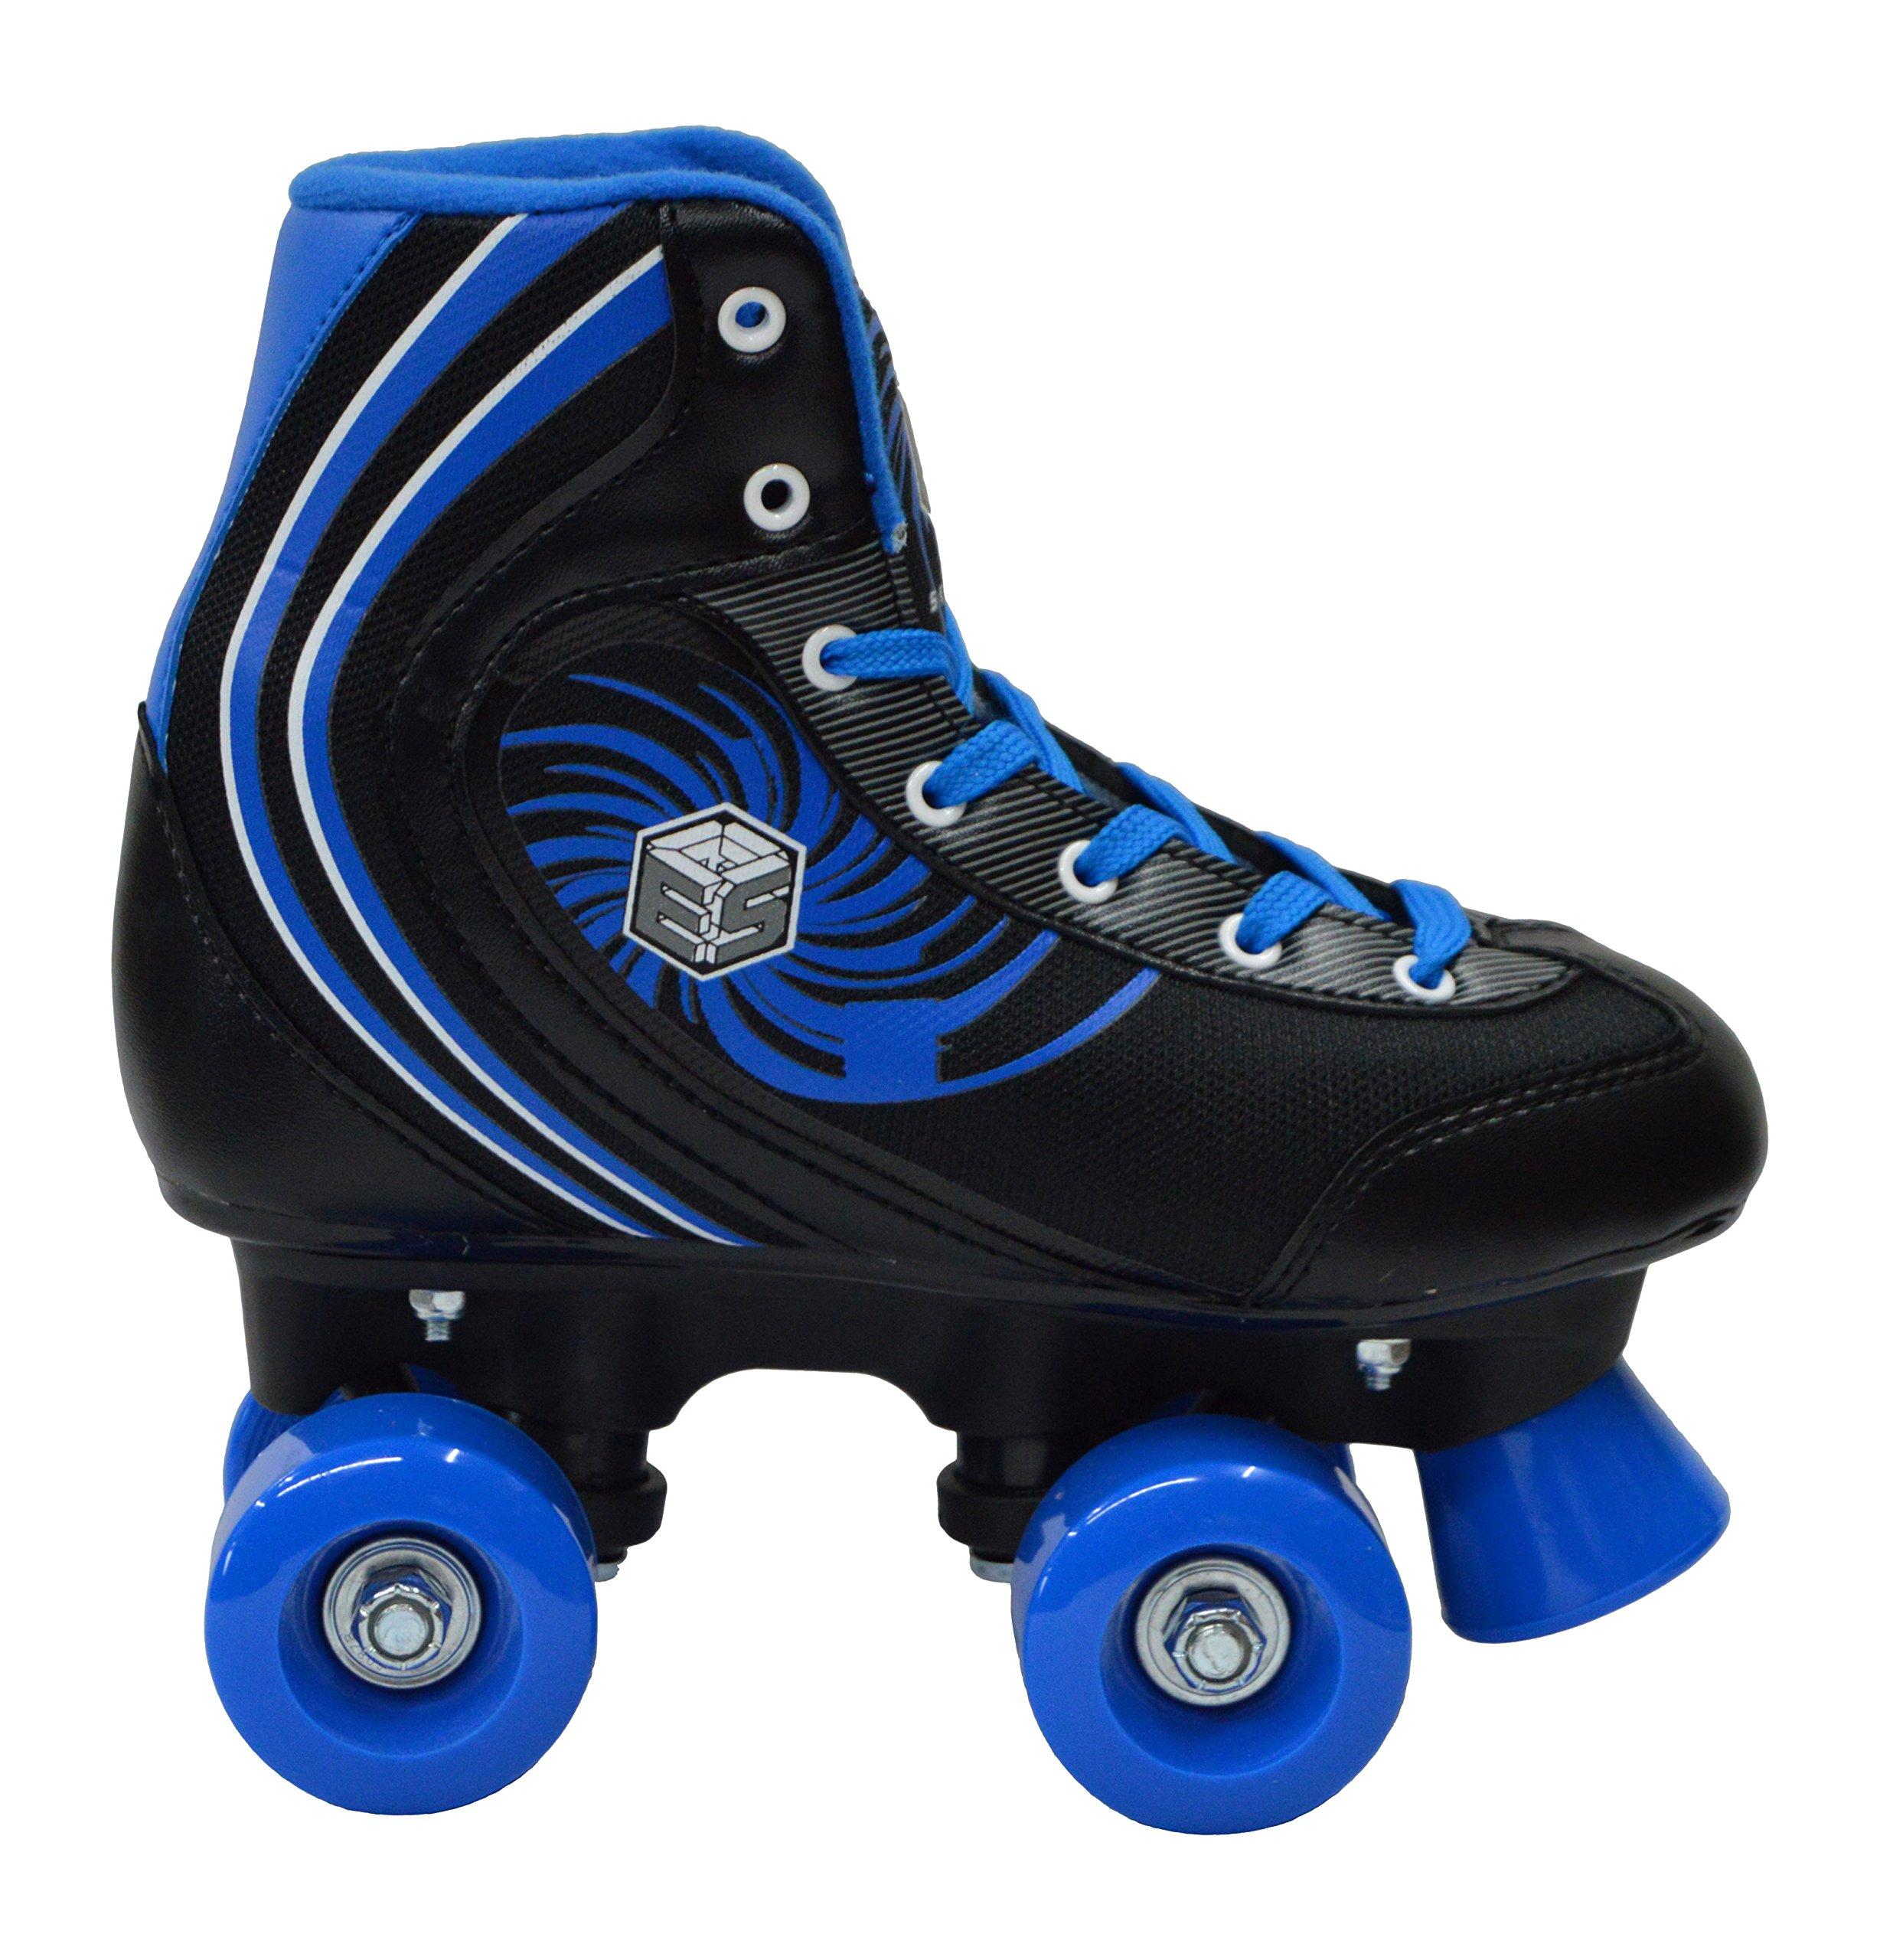 Epic Skates CanJ11 Kids Rock Candy Quad Roller Skates by Epic Skates